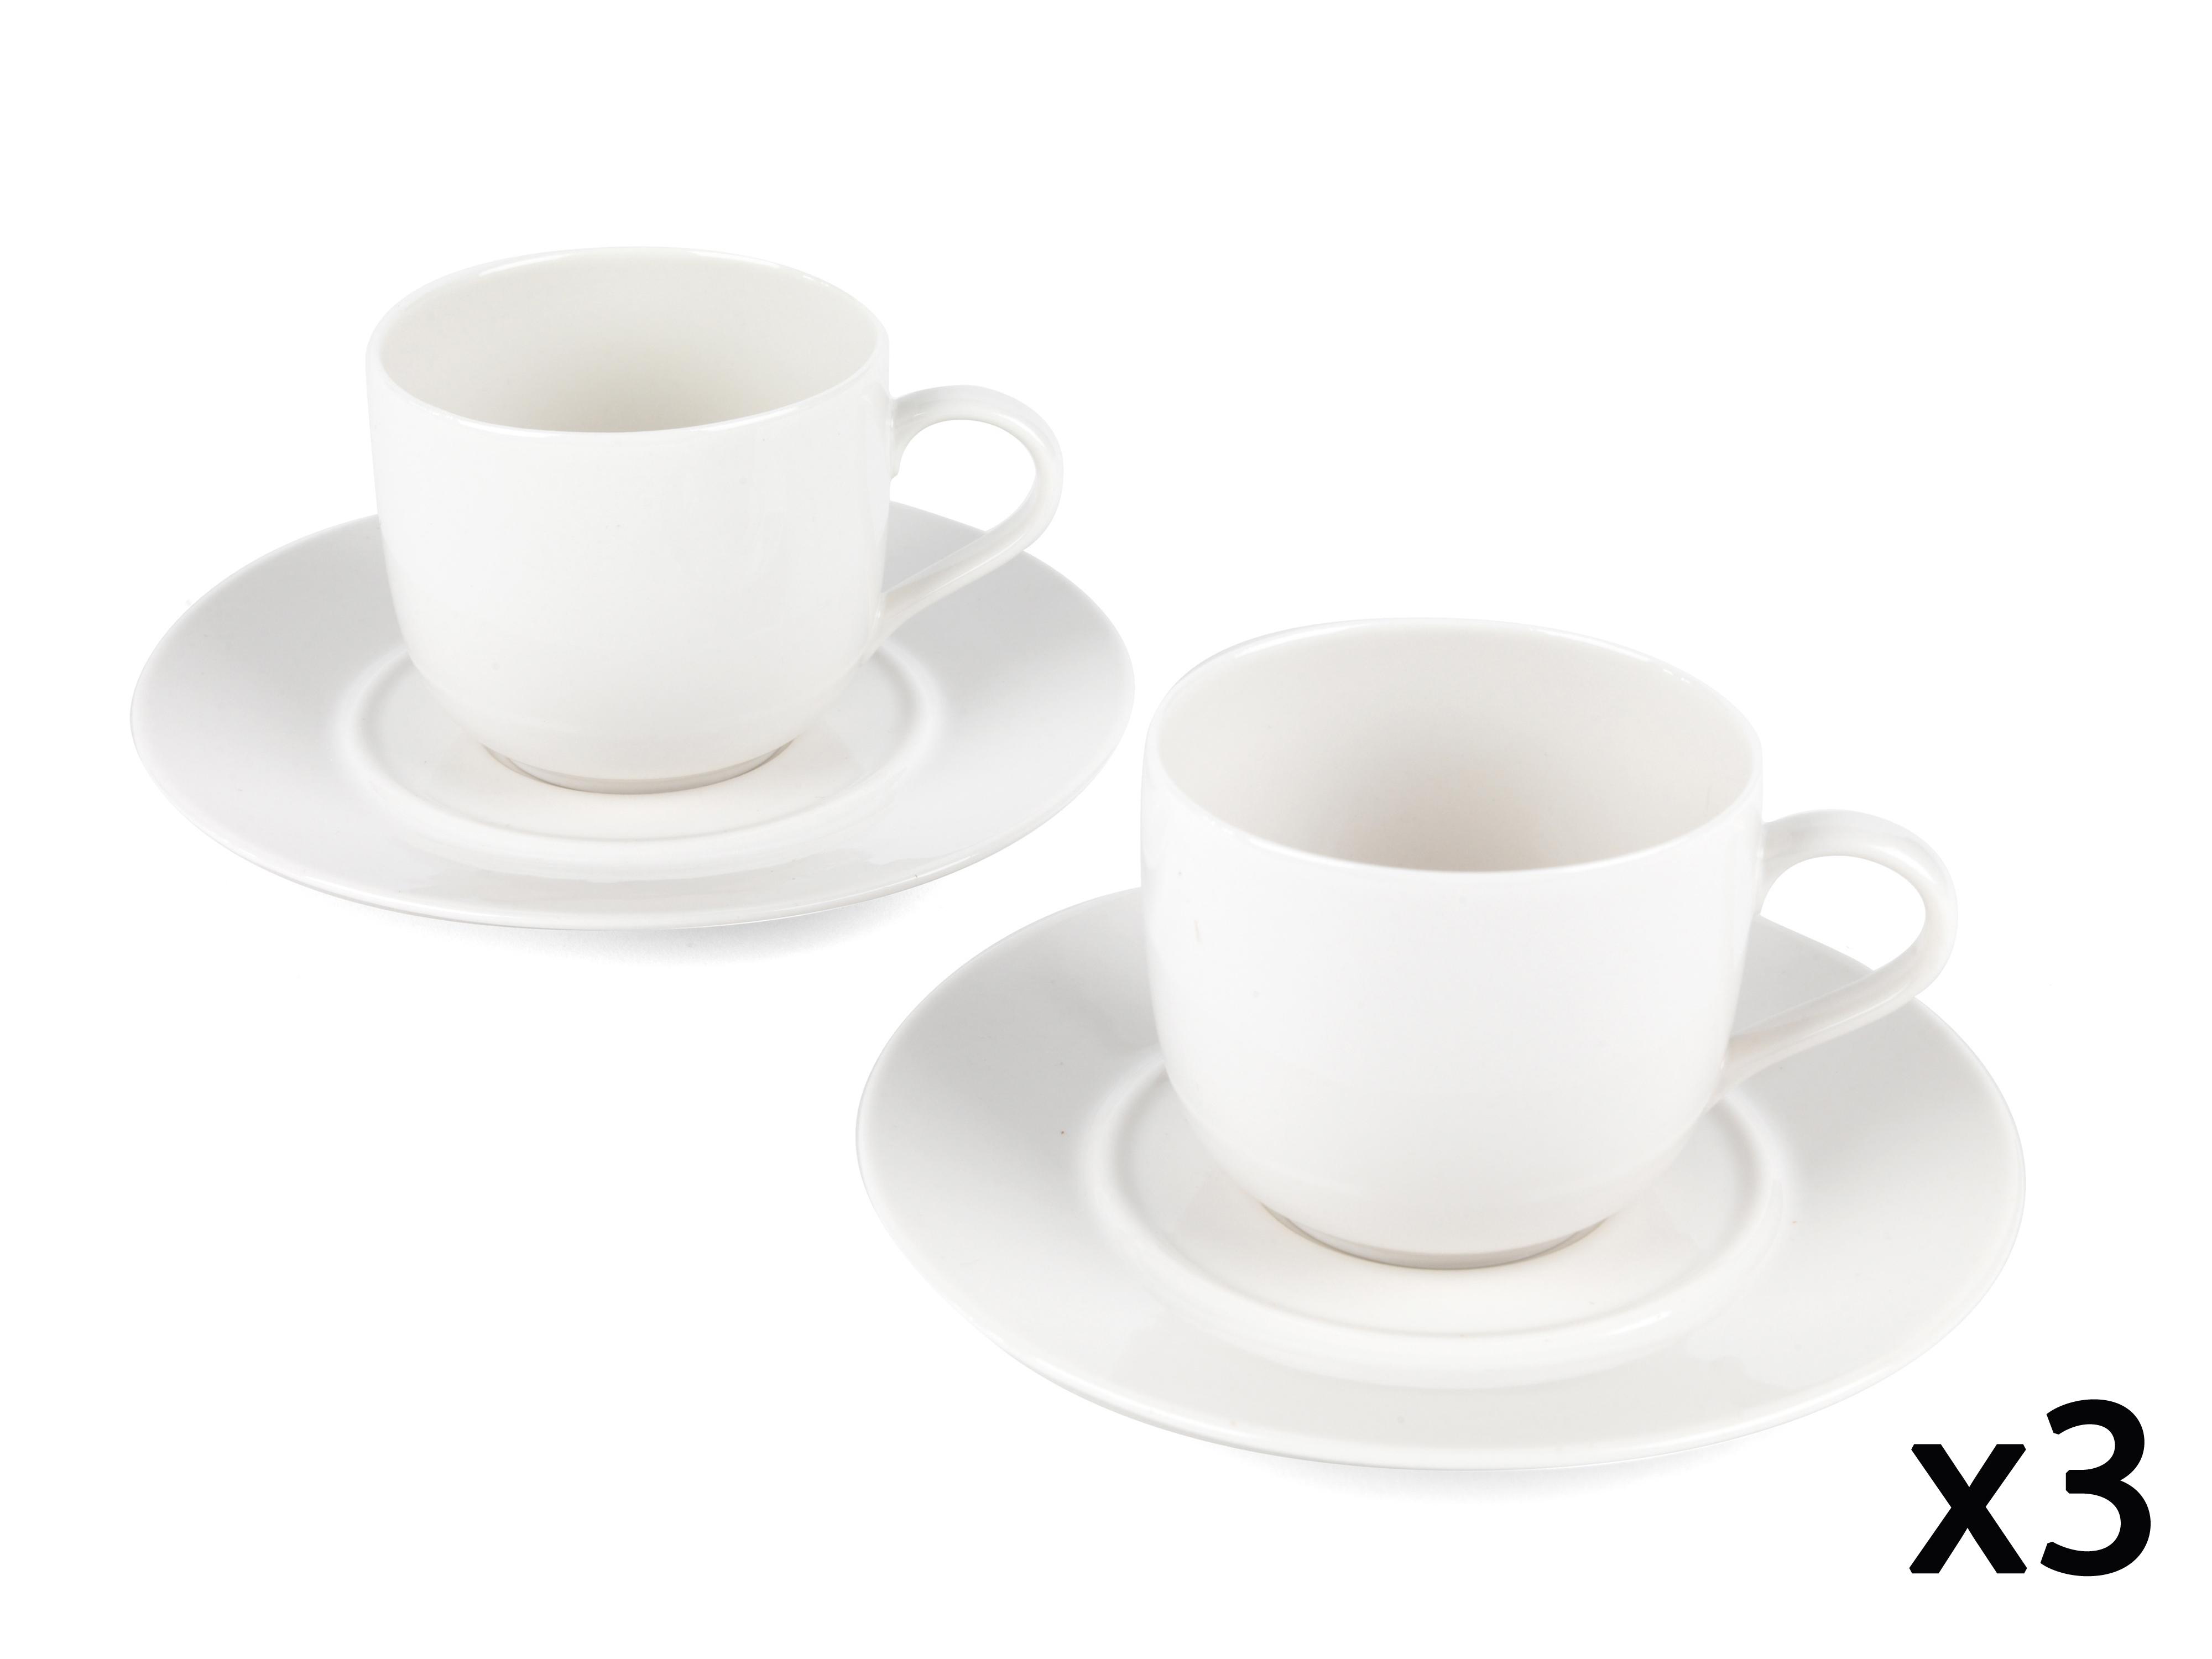 Alessi la bella tavola porcelain cup and saucer set of 6 - Alessi la bella tavola ...